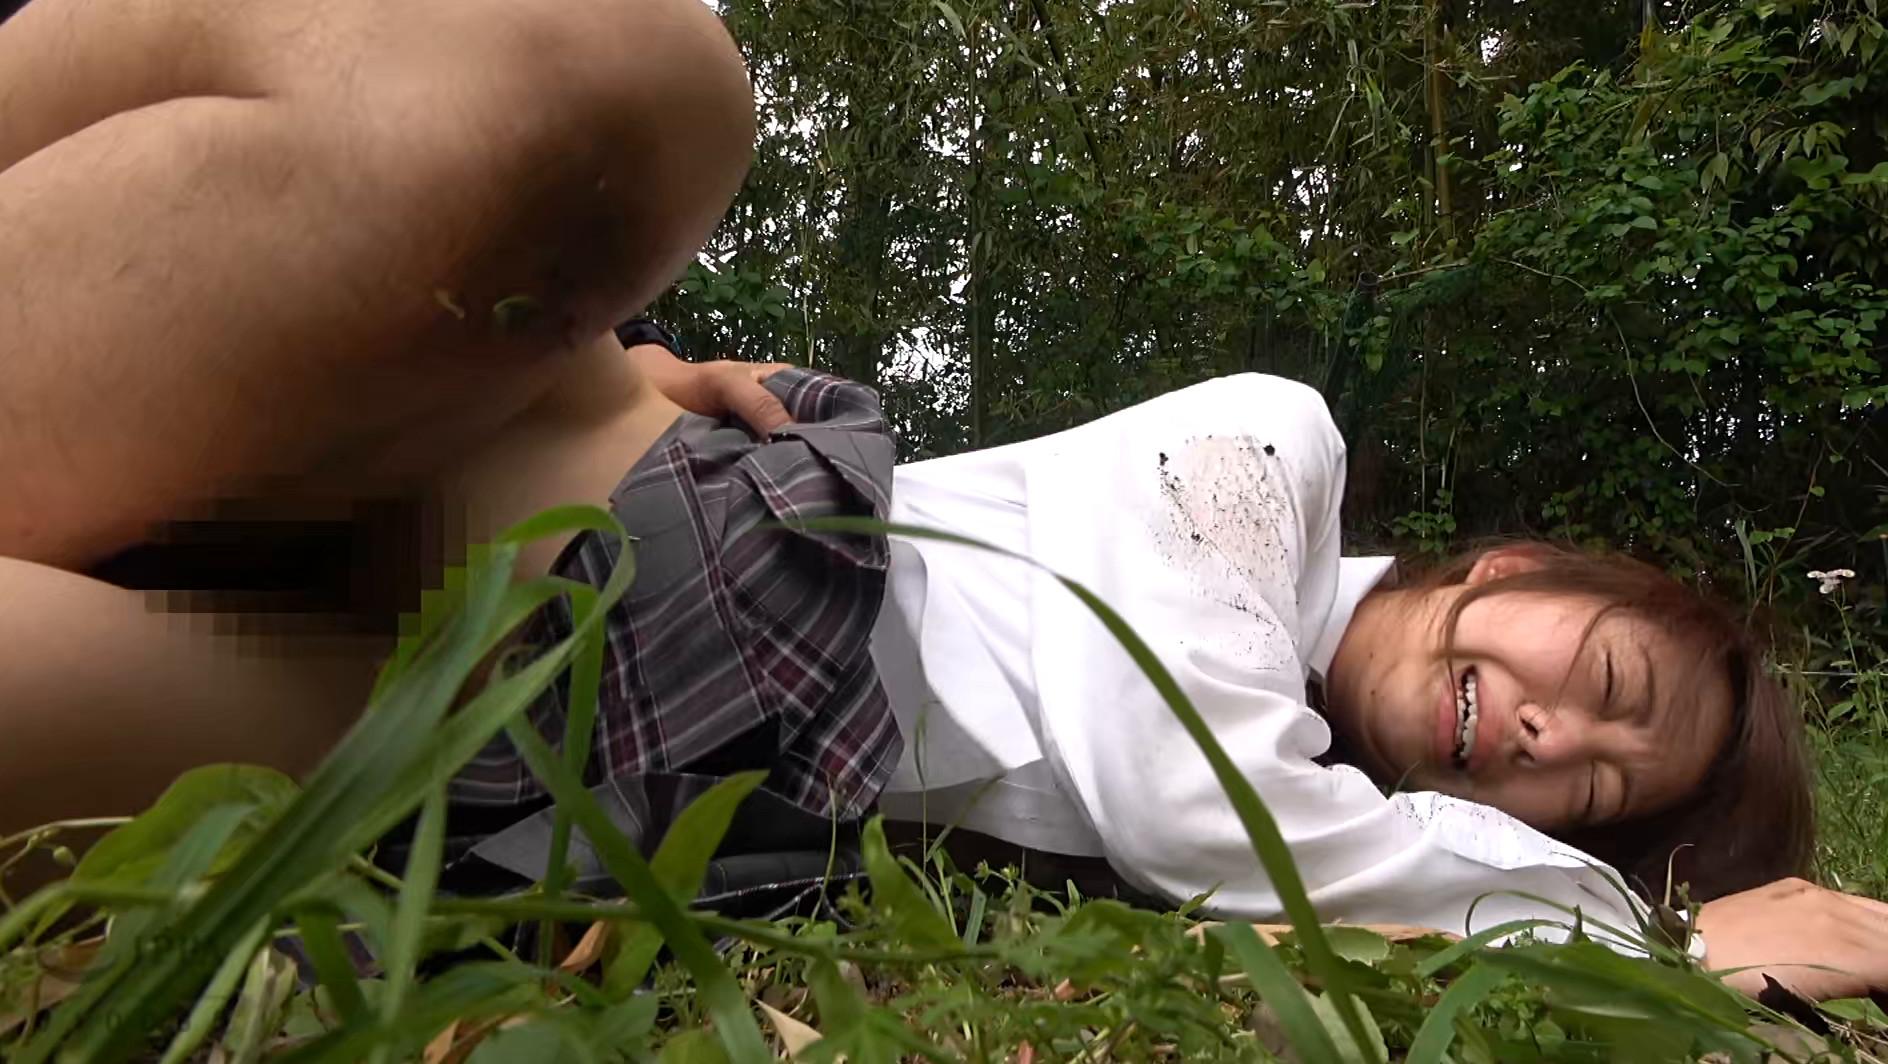 帰宅途中の女子〇生を狙った尾行鬼畜野外レイプ映像 画像12